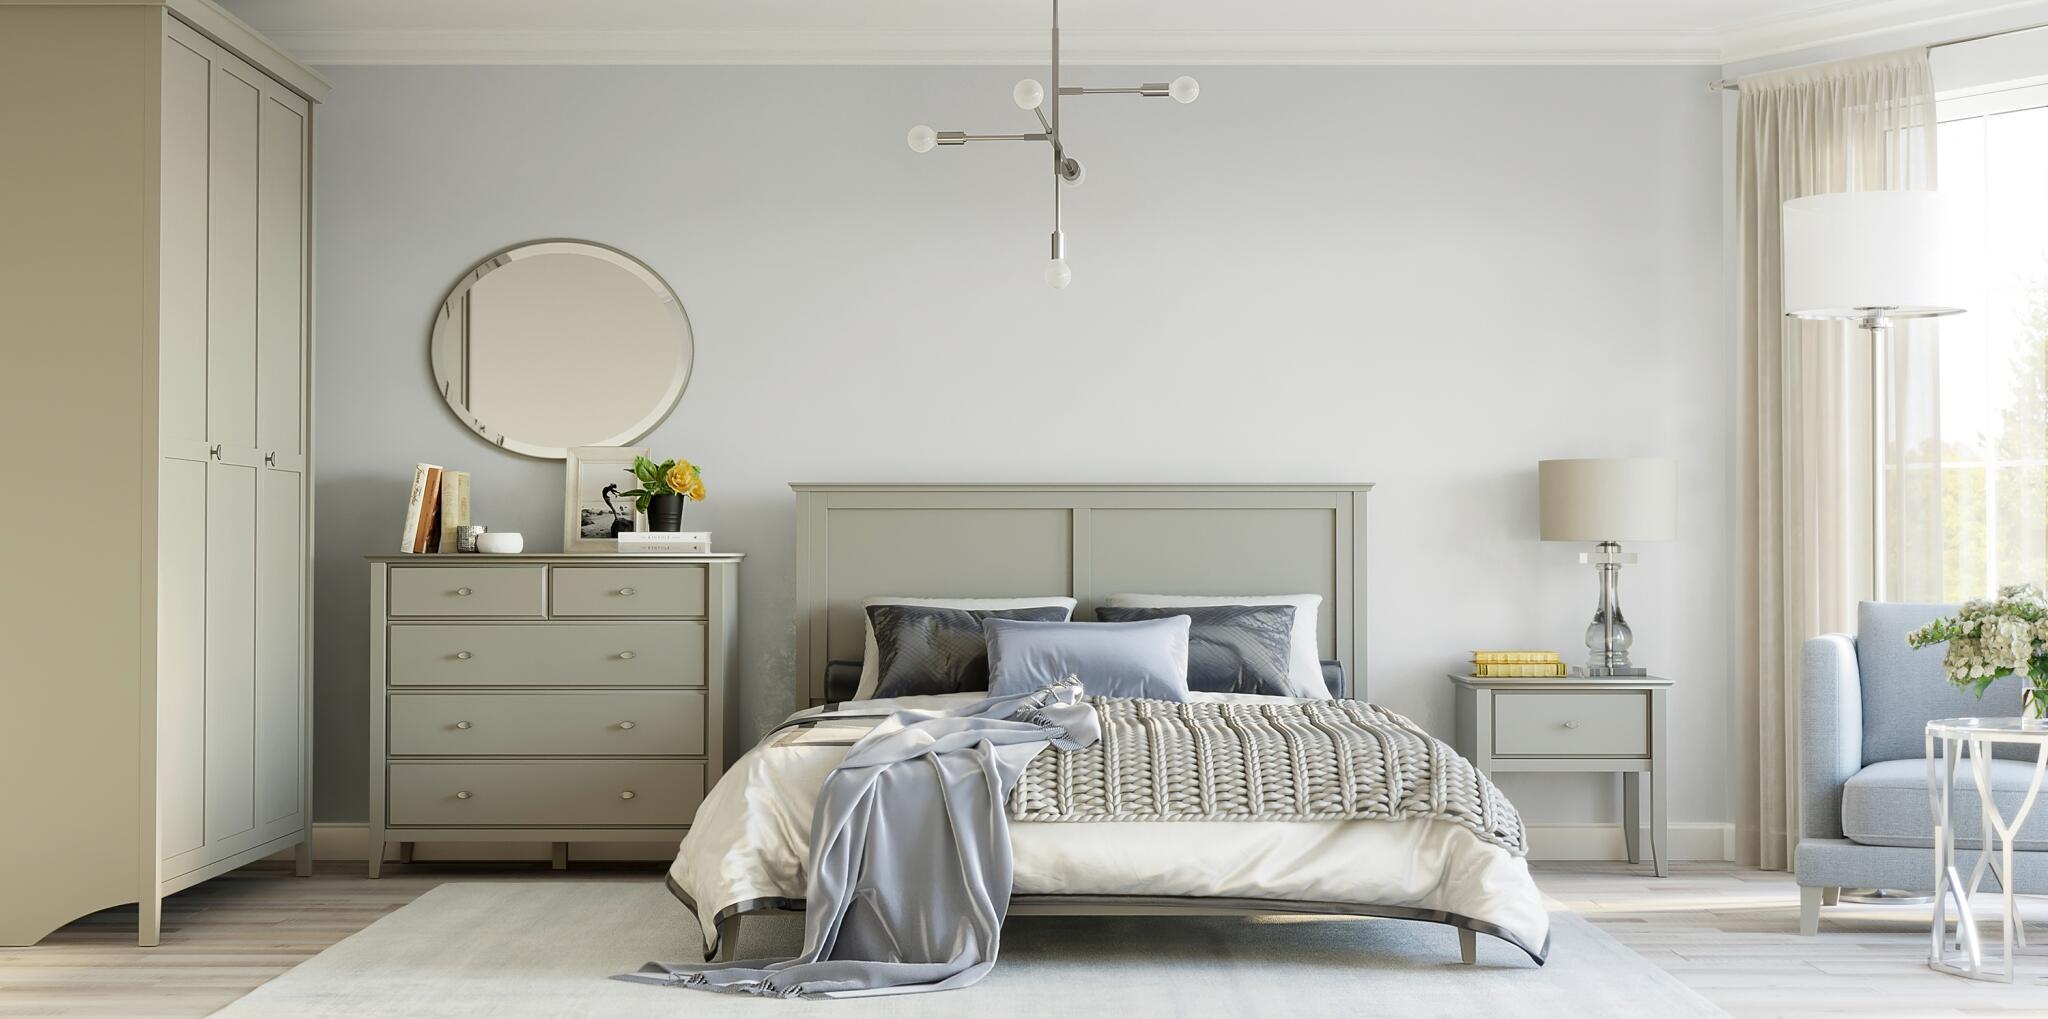 Набор мебели для спальни «Эльза-1»  ГМ 8810-01